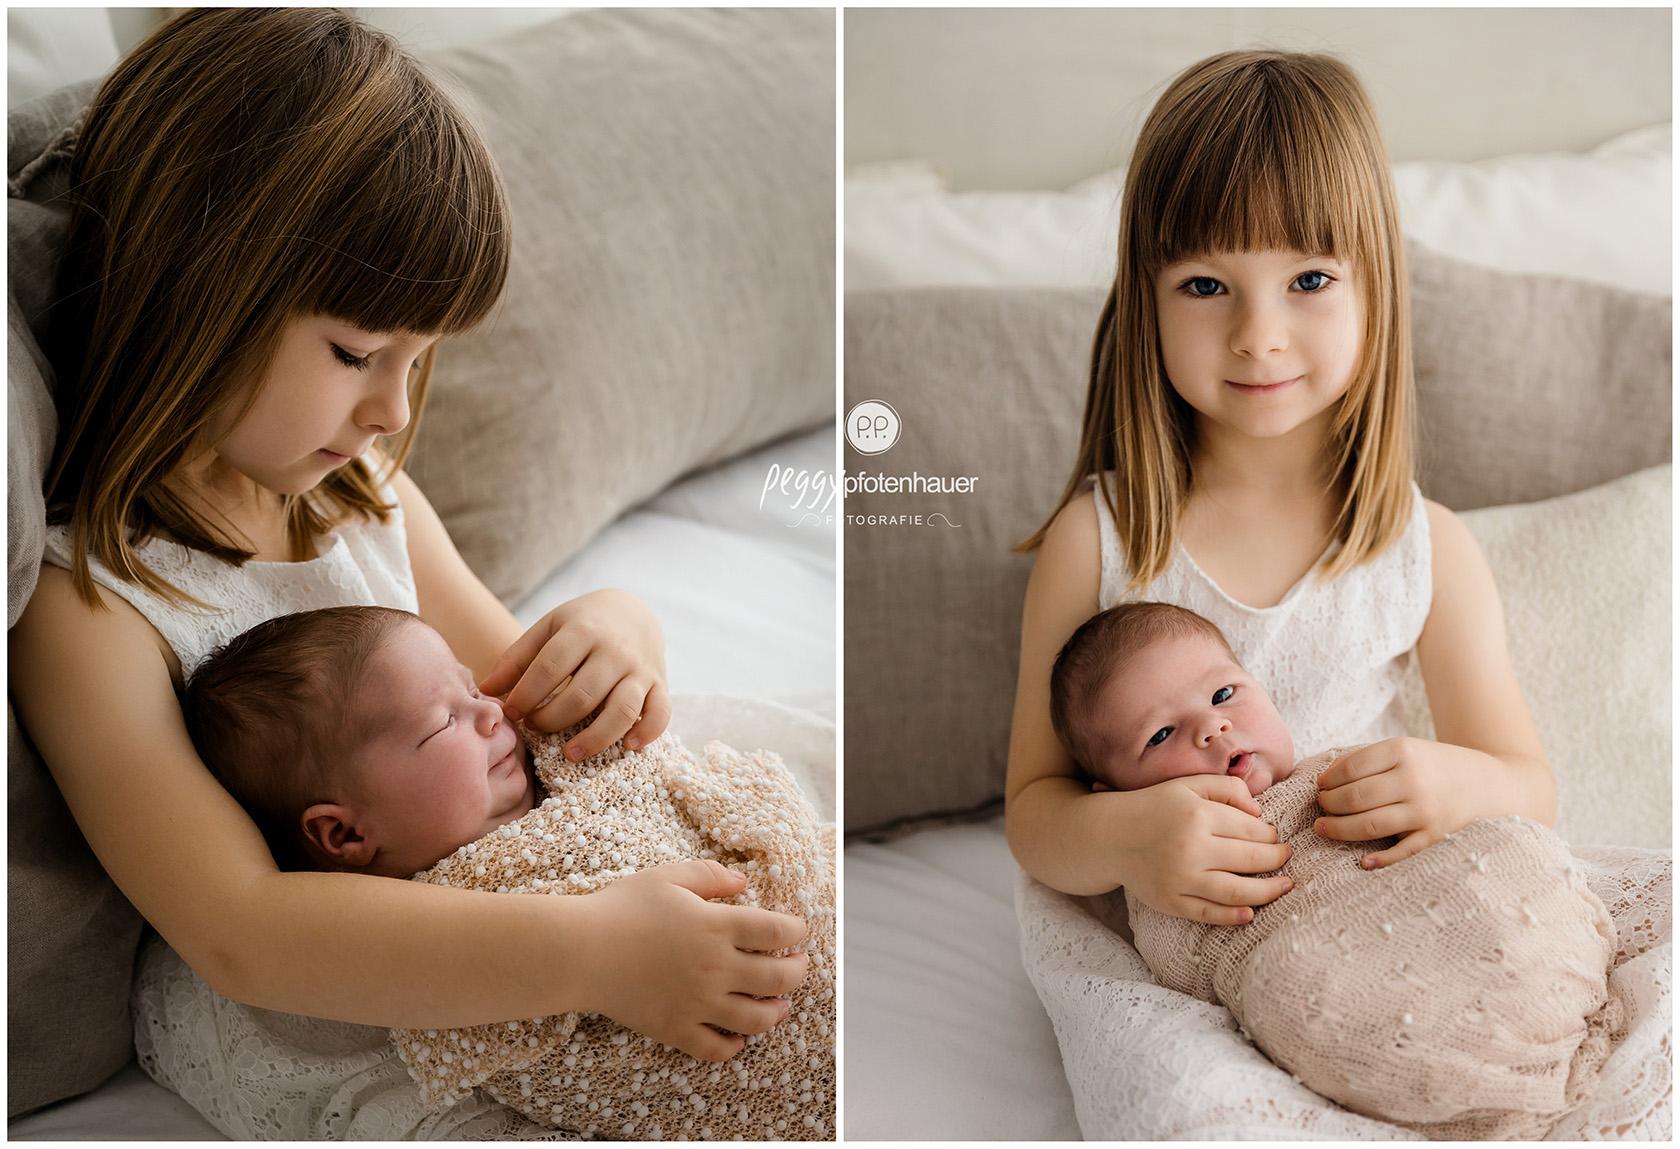 liebevolle Geschwisterbilder